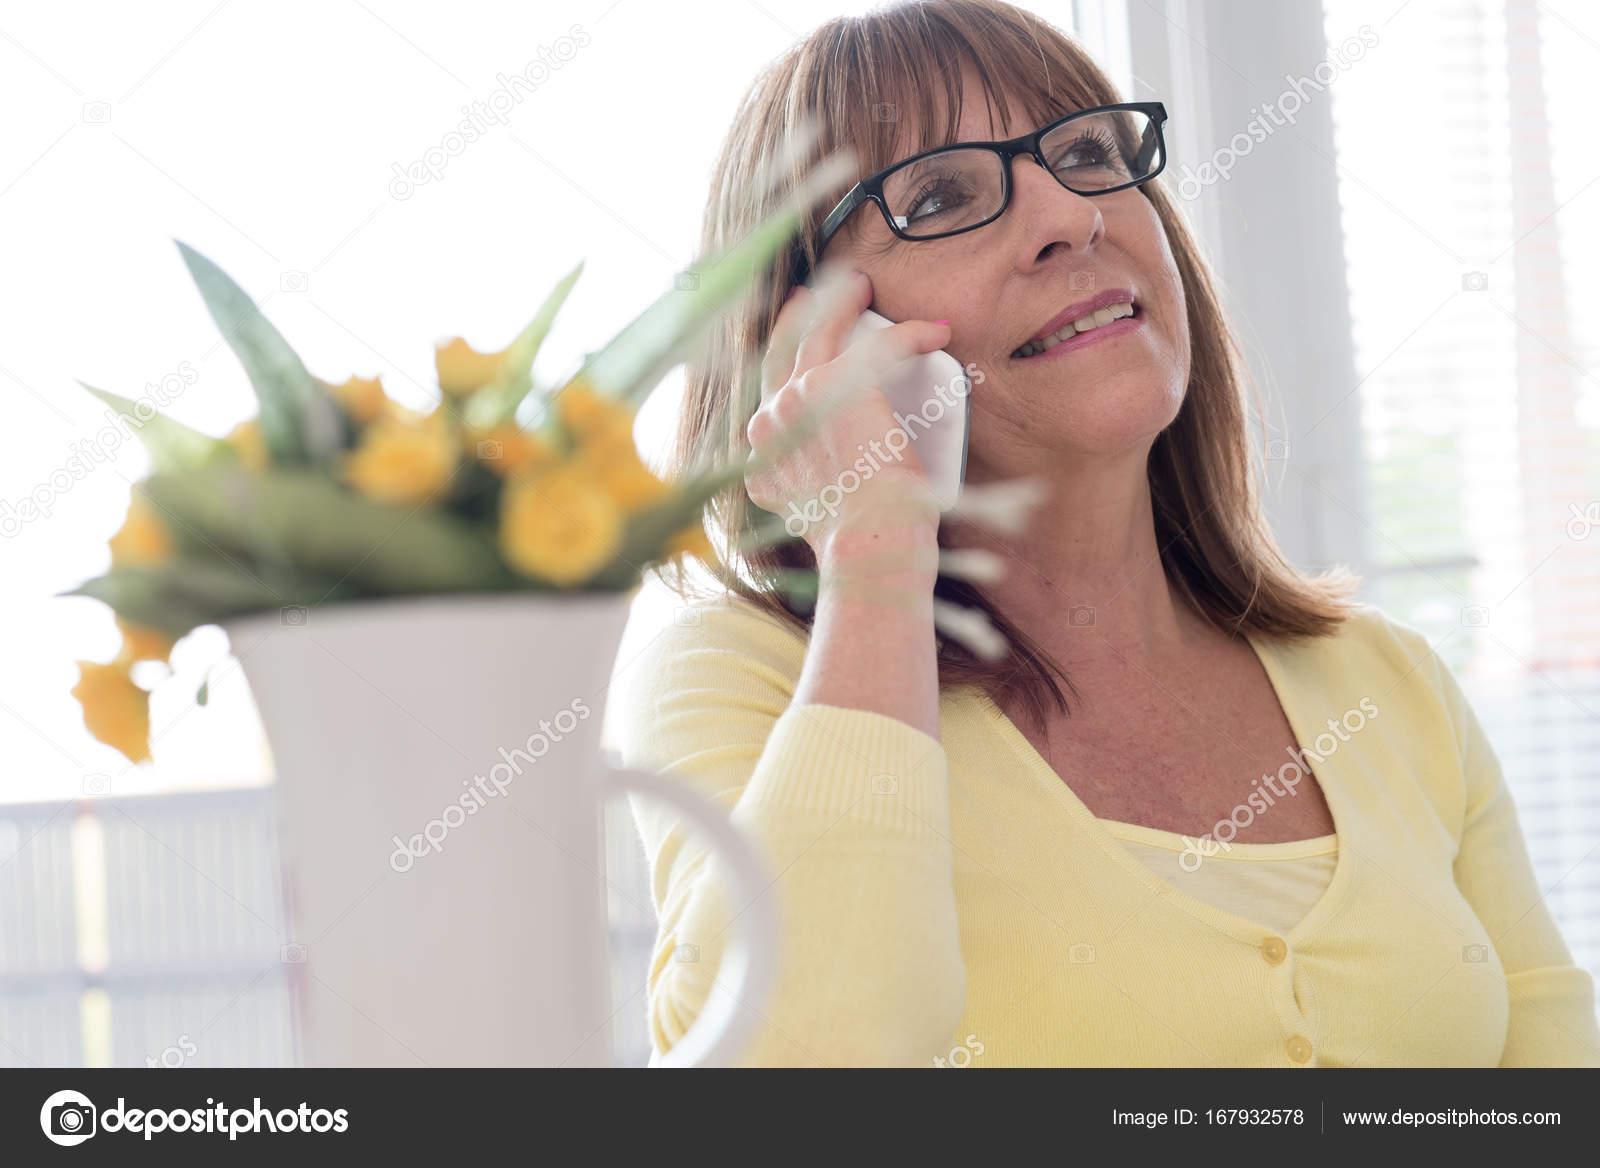 Фото сперми на зрелых женщинах, Нежные зрелые тетки обожают сперму на письке 24 фотография